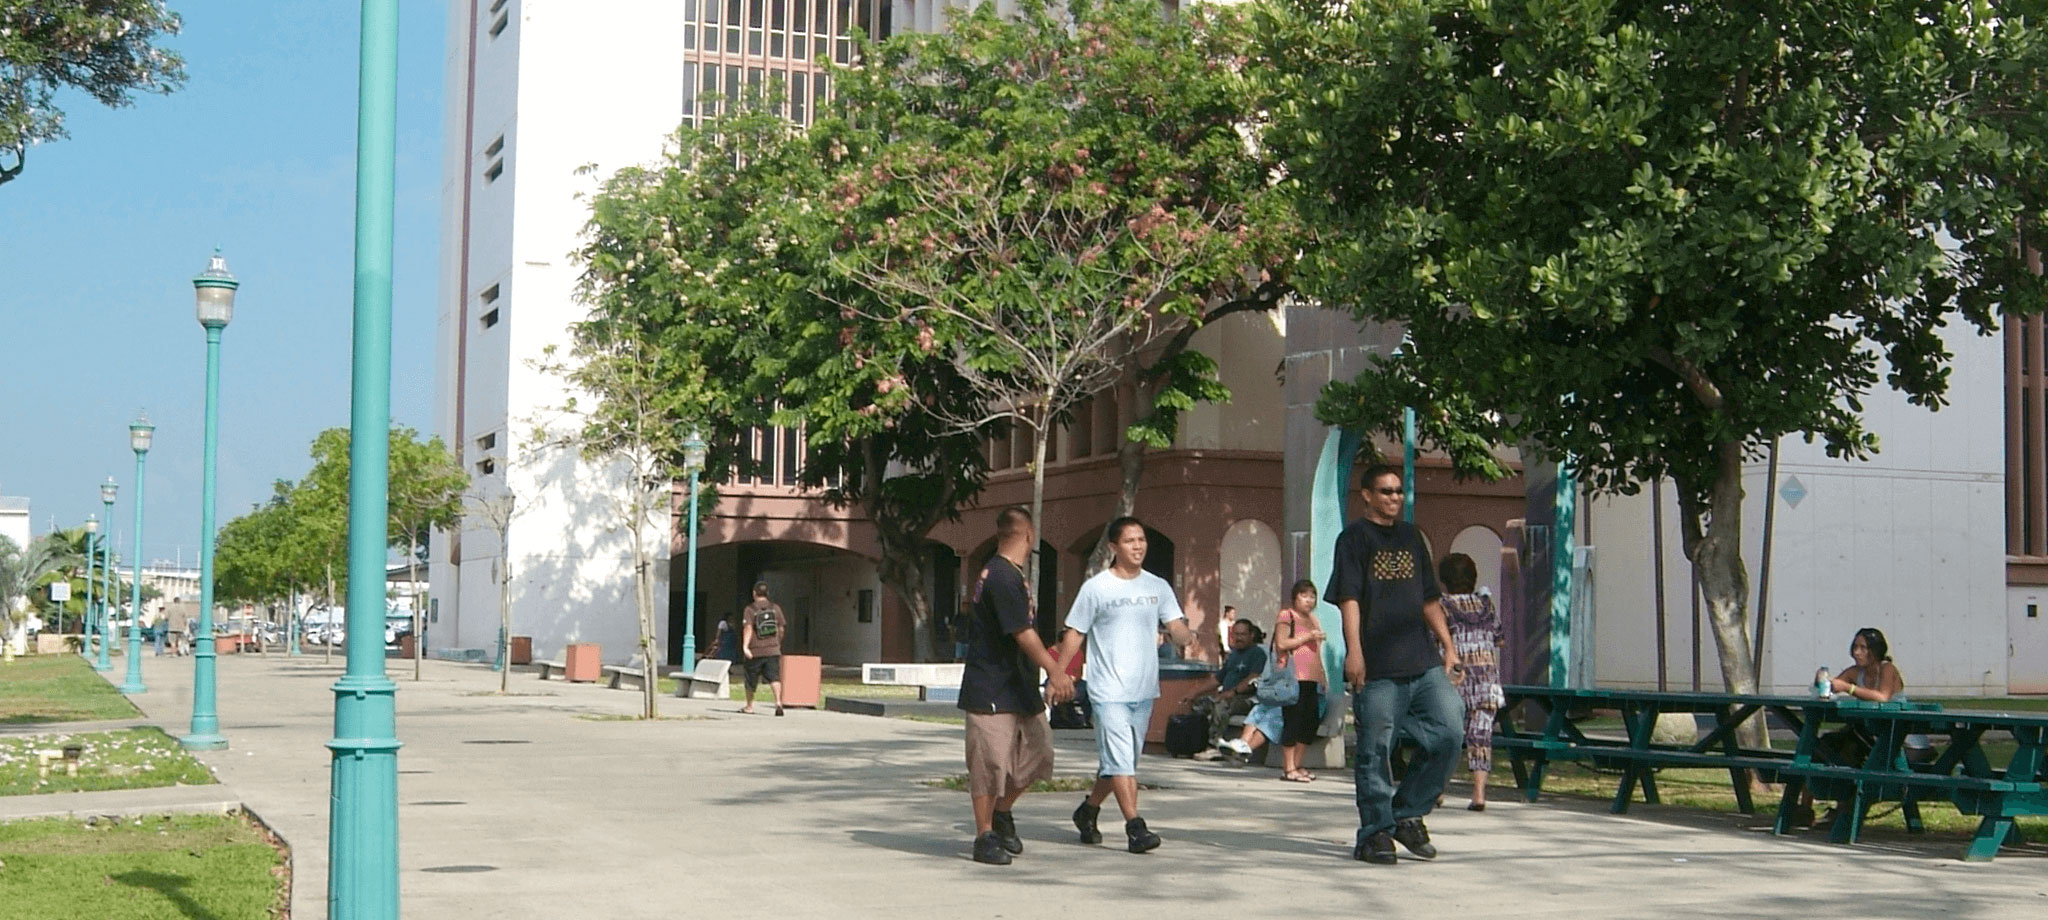 Honolulu Community College Campus Walkway